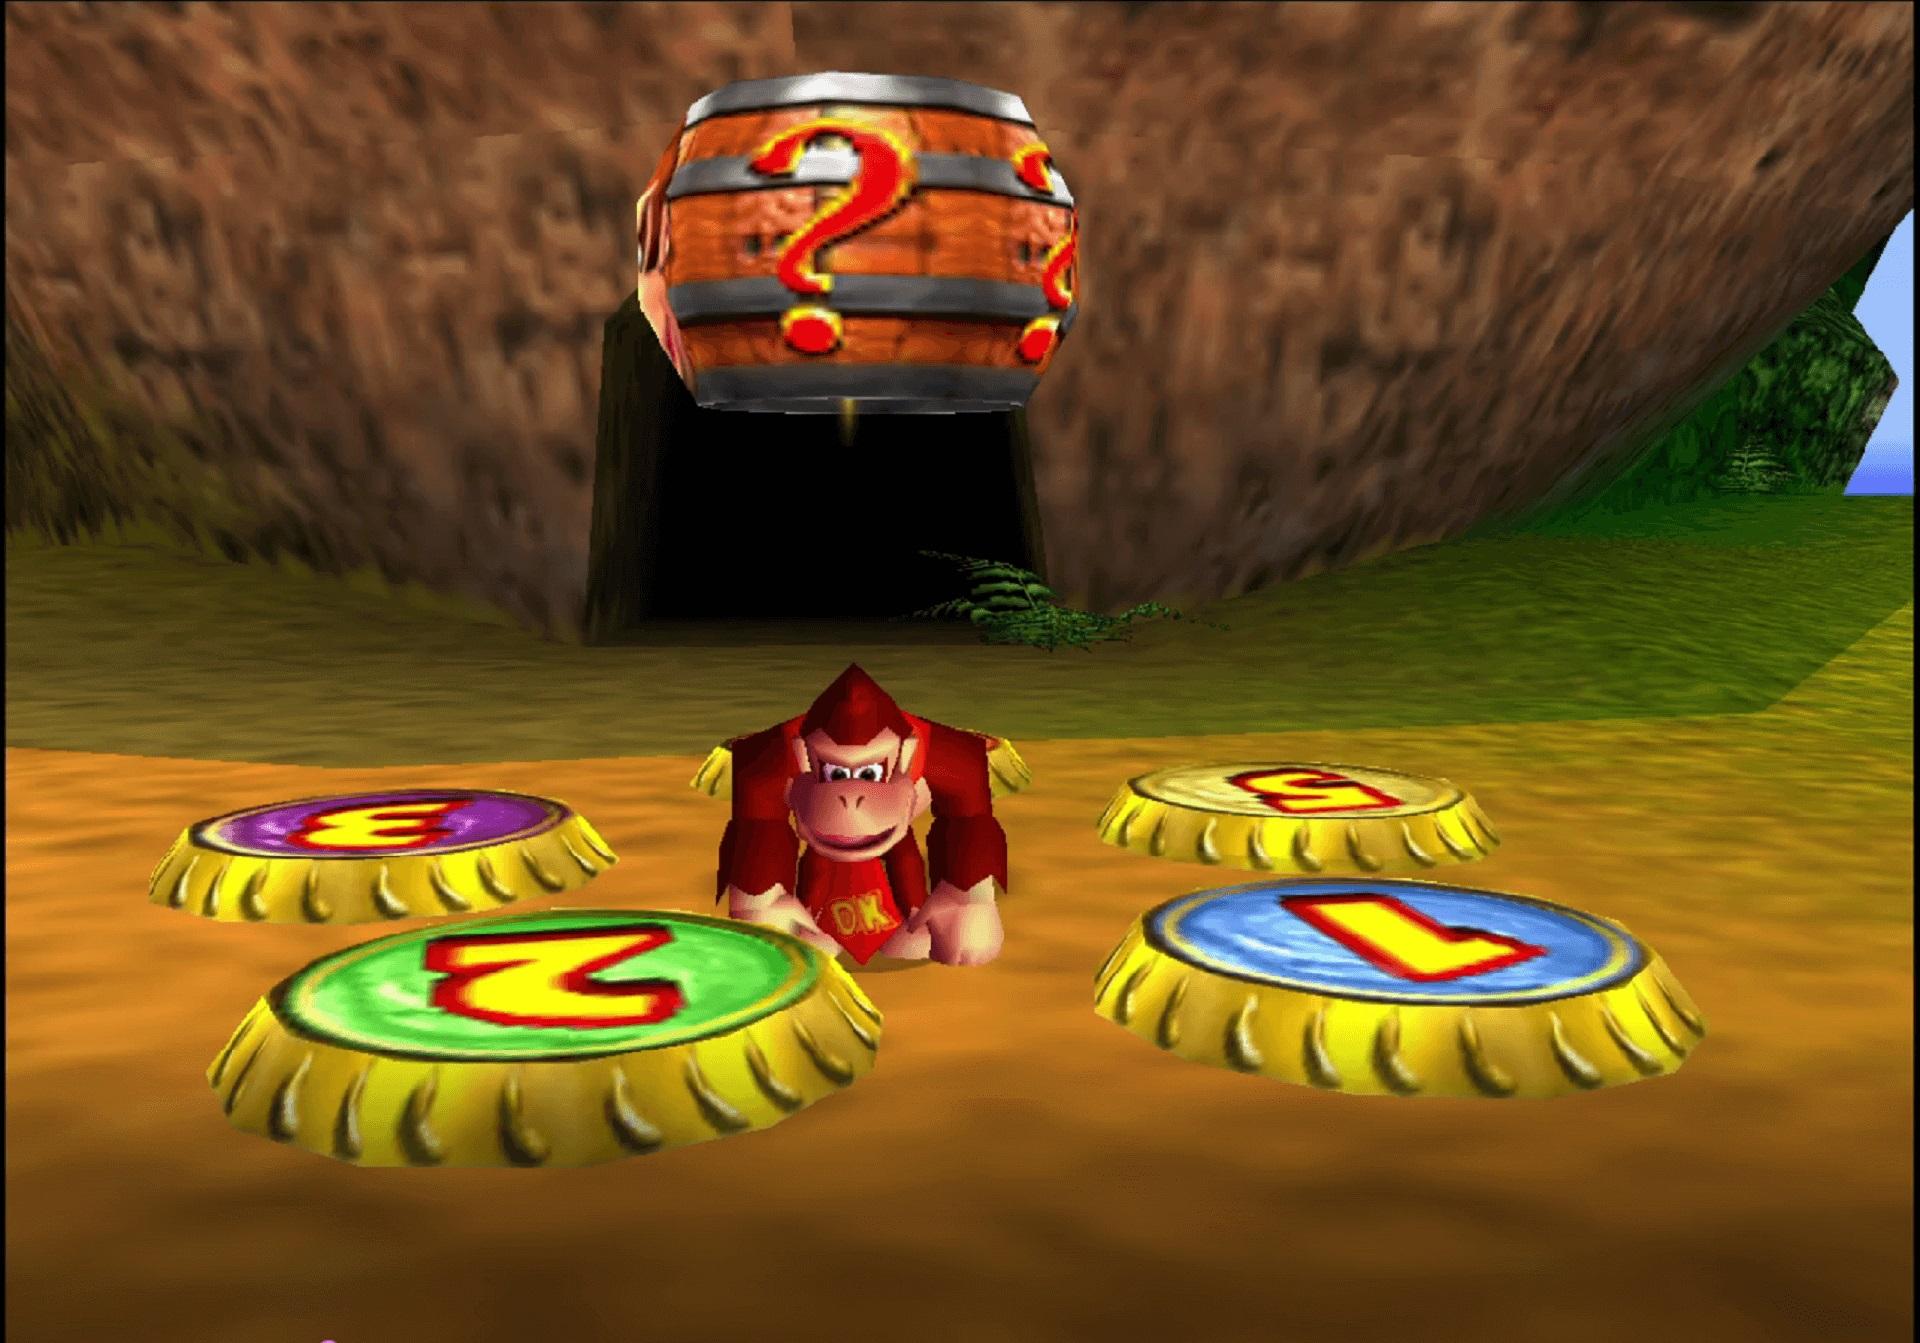 Donkey Kong auf einem Kronkorken Teleporter